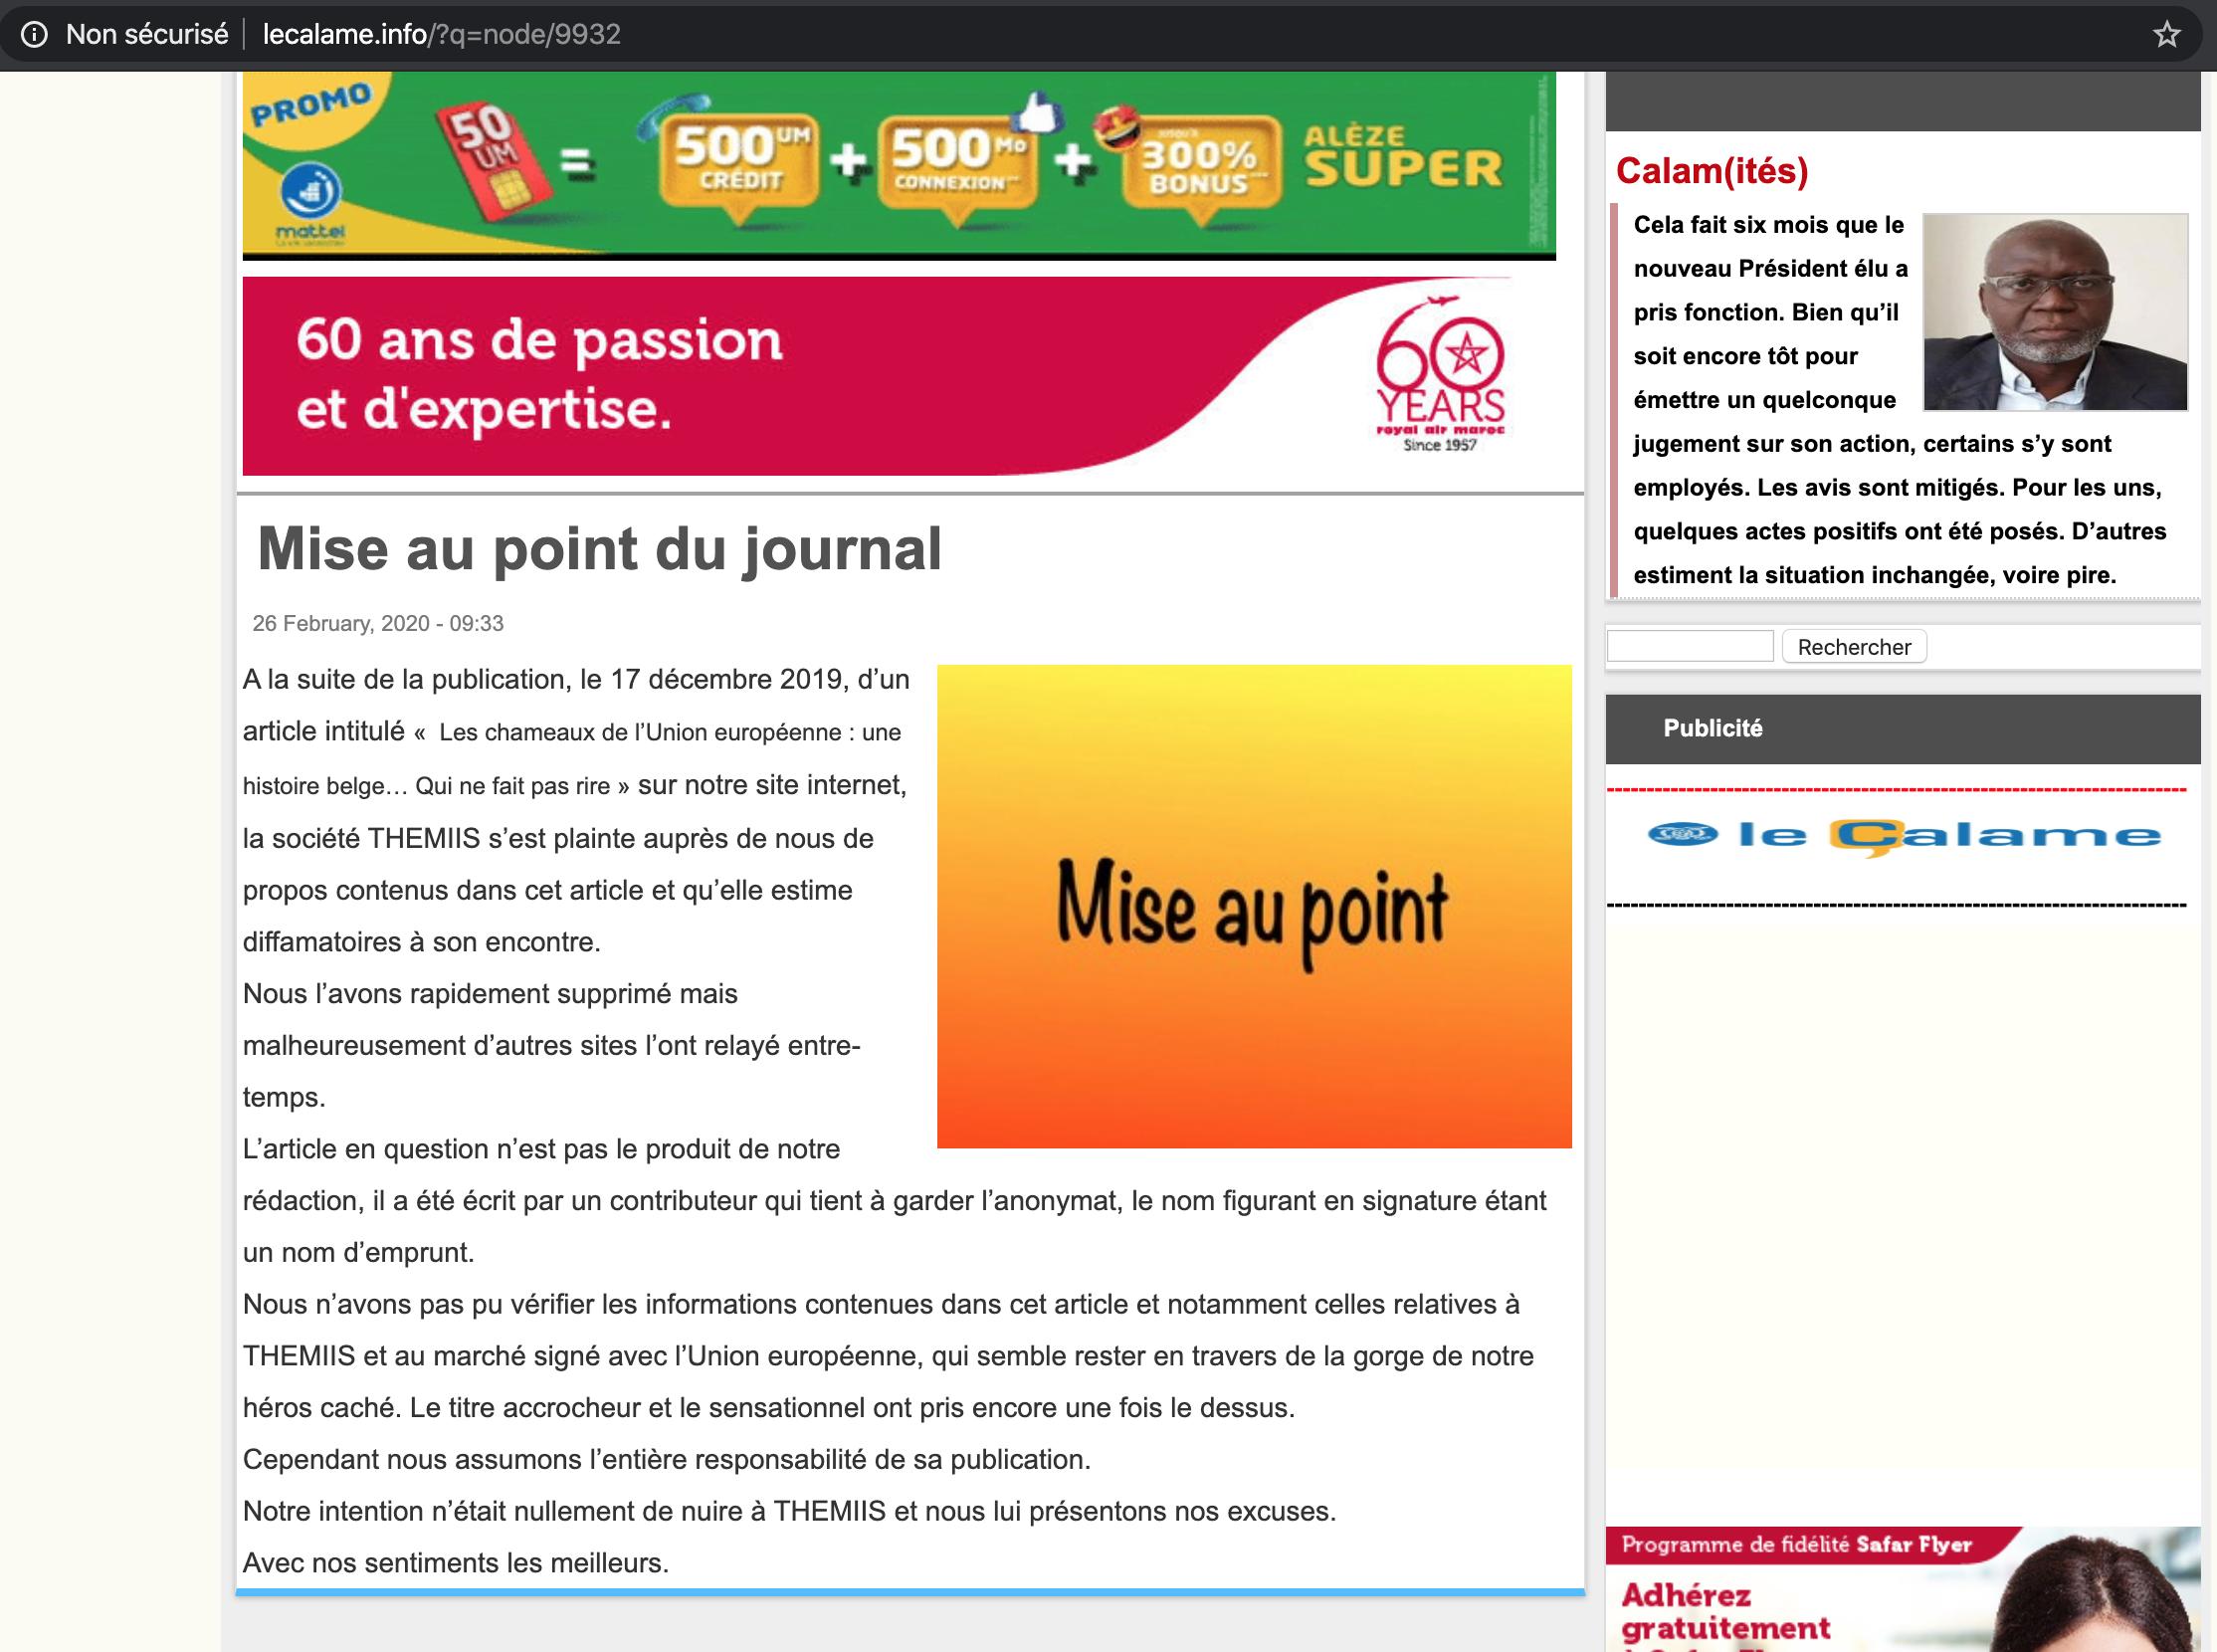 Droit de réponse de la société THEMIIS SAS à l'article intitulé « Les Chameaux de l'Union européenne : une histoire belge… qui ne fait pas rire »